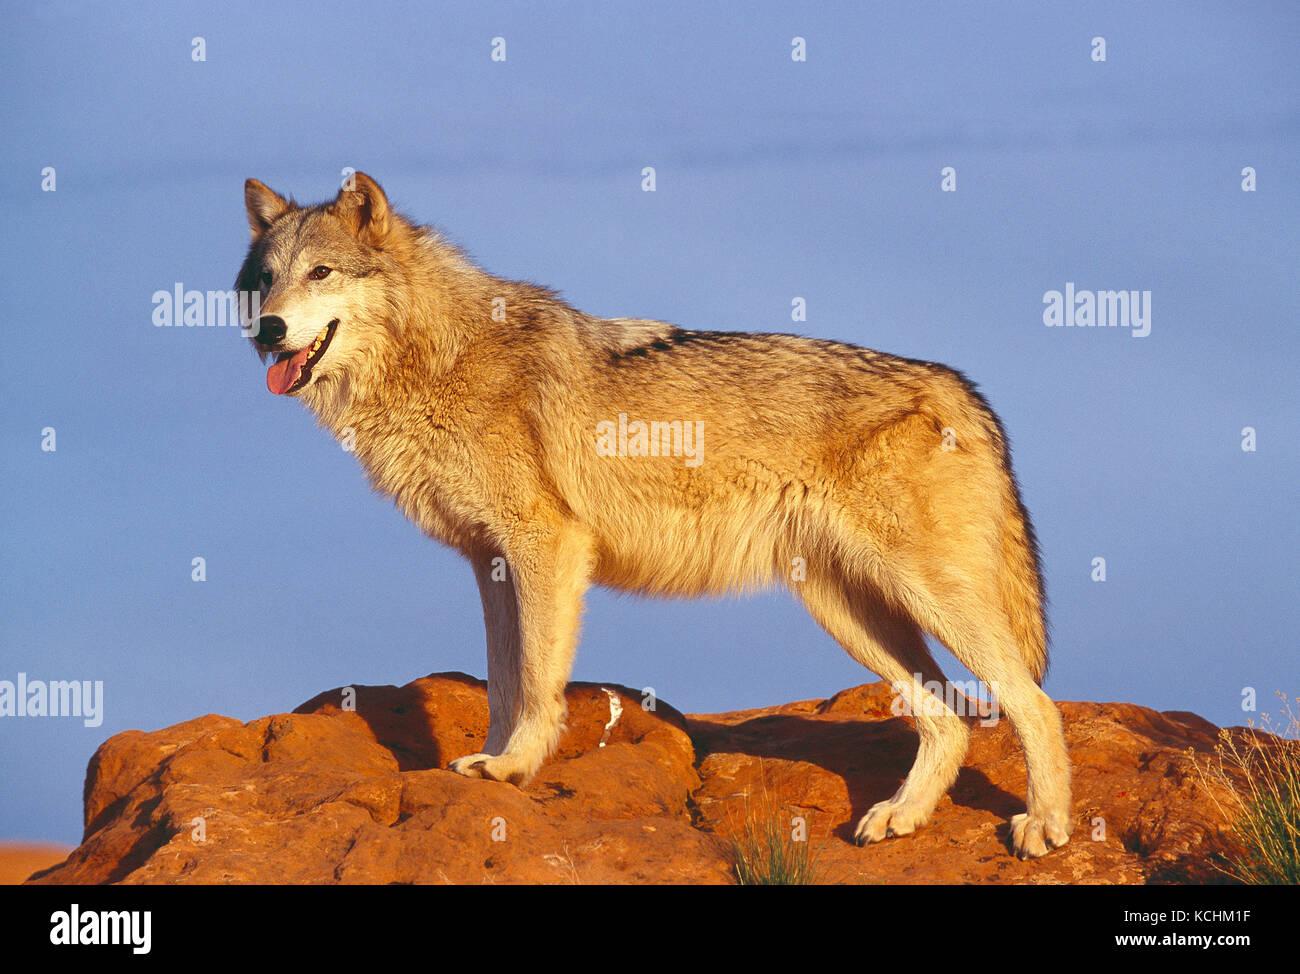 Stati Uniti d'America. La fauna selvatica. Lupo grigio. Immagini Stock